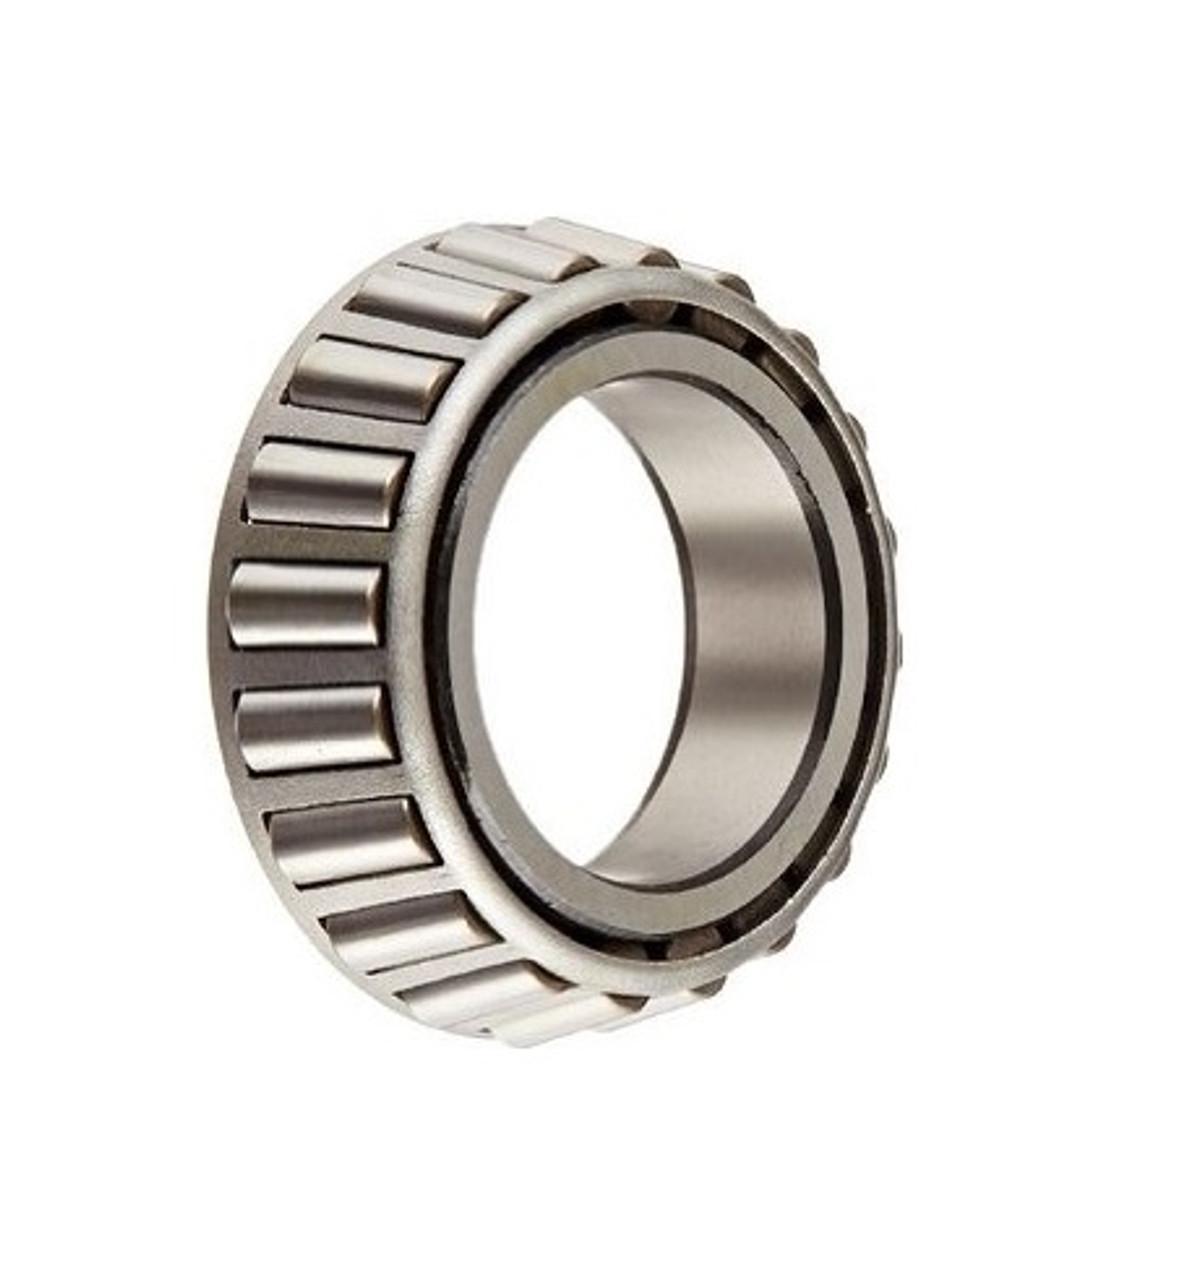 Timken 582 Tapered Roller Bearing